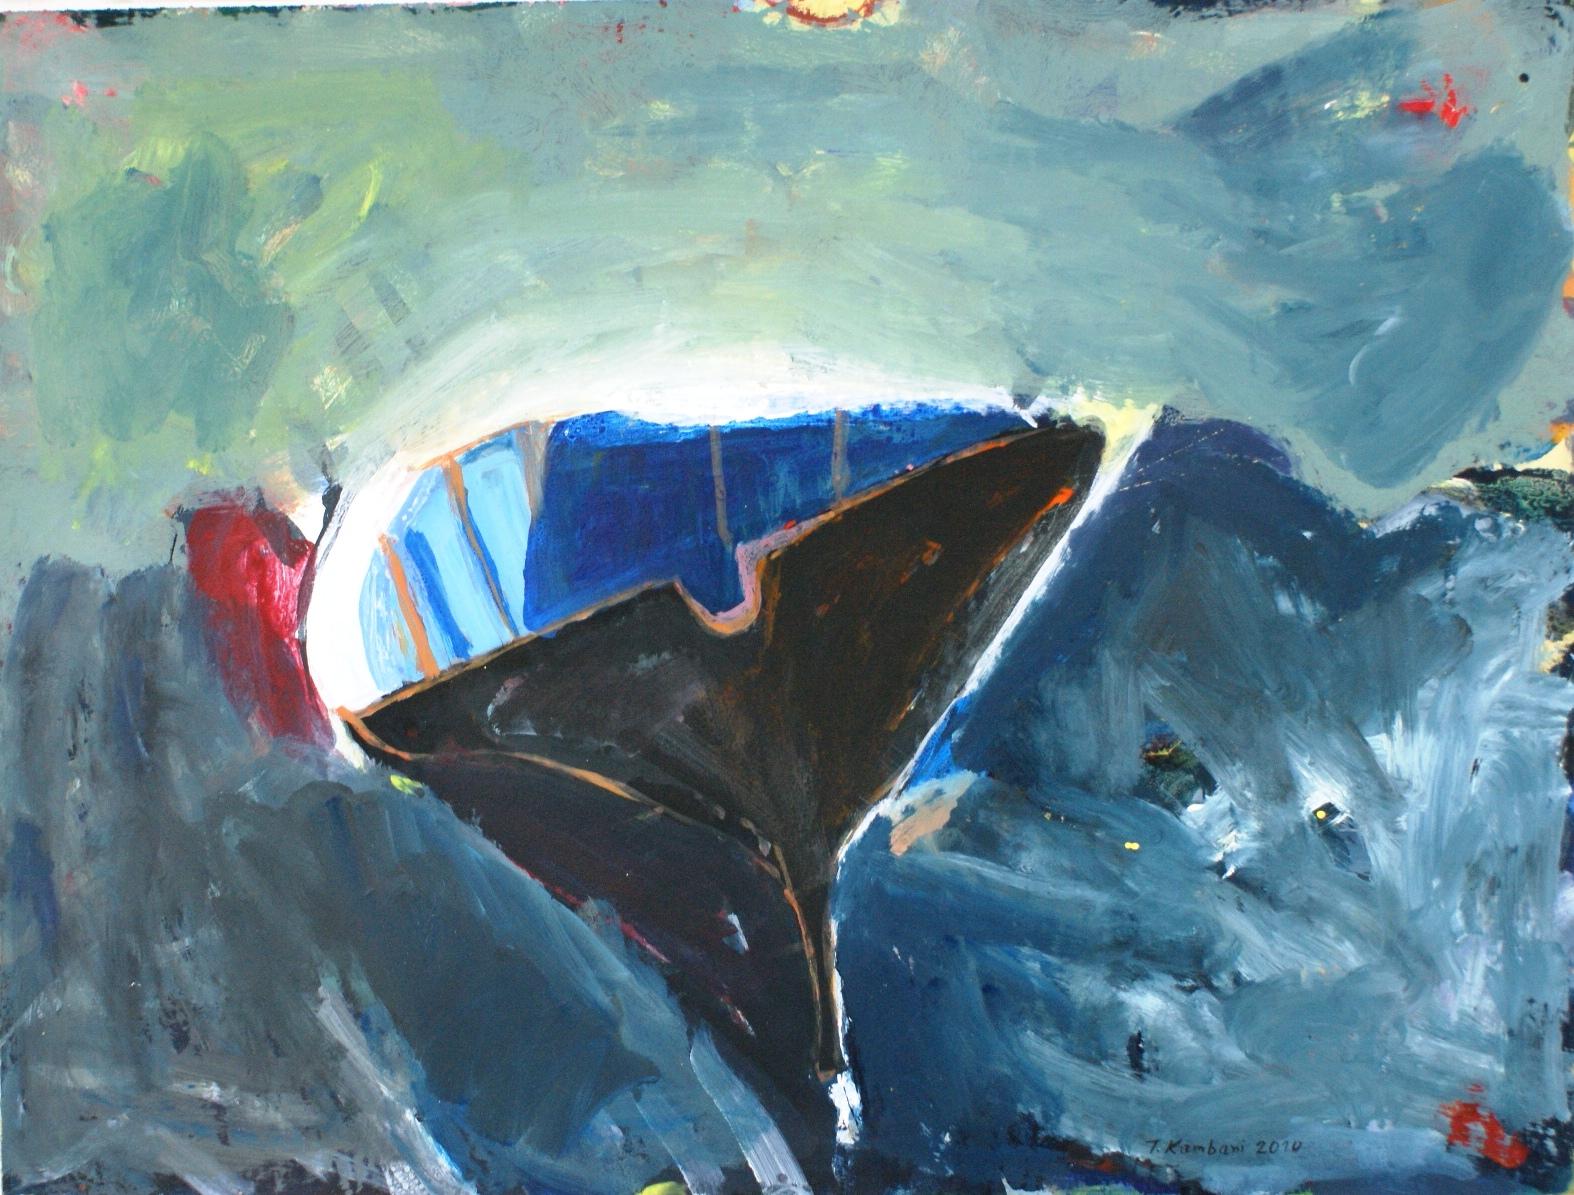 ταρακούνημα(1),2010,120x90cm,Ακρυλικό 2.jpg